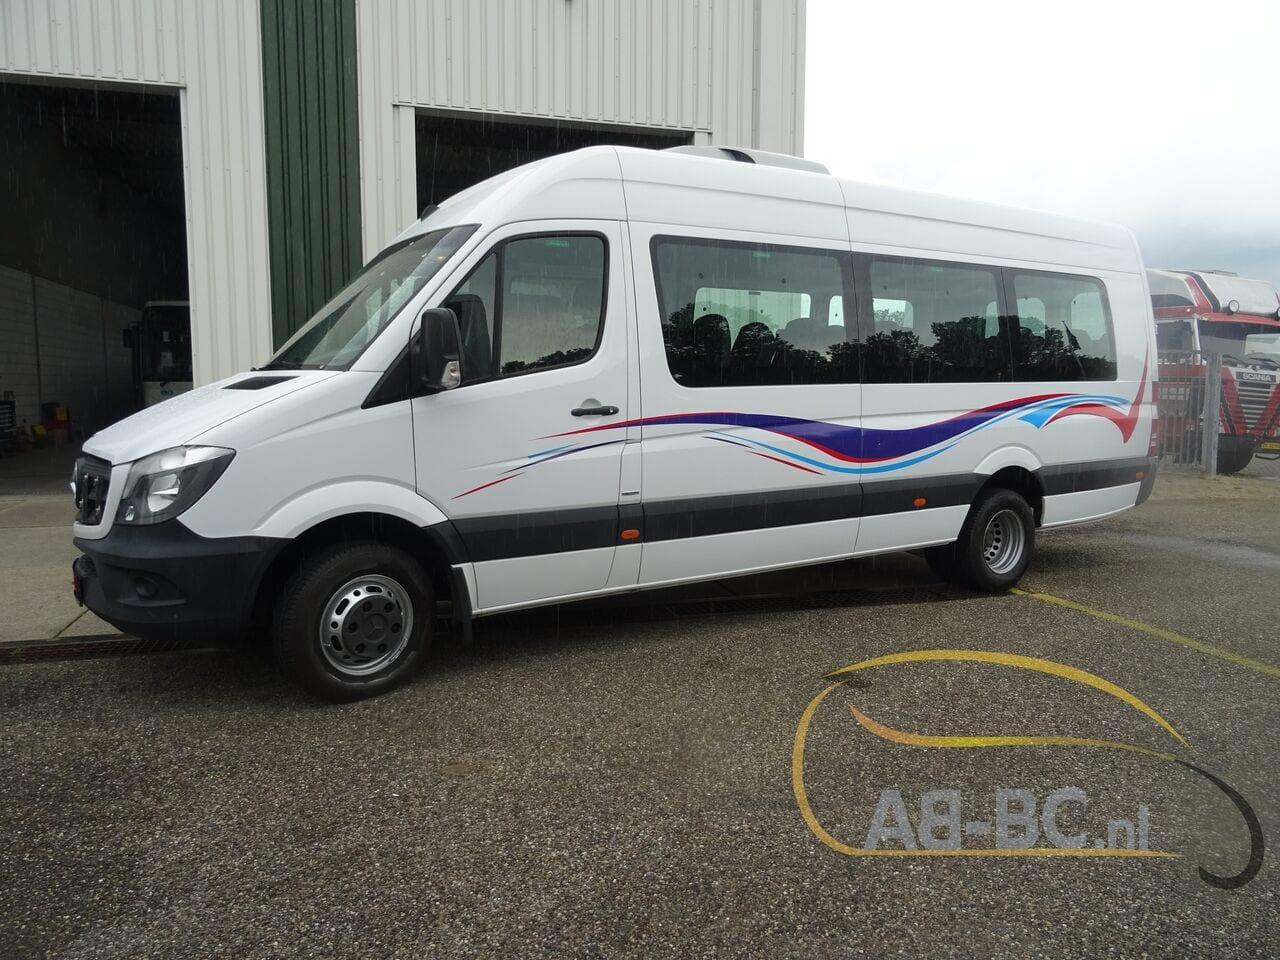 coach-busMERCEDES-BENZ-516-CDI-Sprinter-Transfer-45-23-Seats-EURO-6---1625493764929136224_big_15bd5b8062d3b6216dba544cfa82c5e6--21060112394245379500